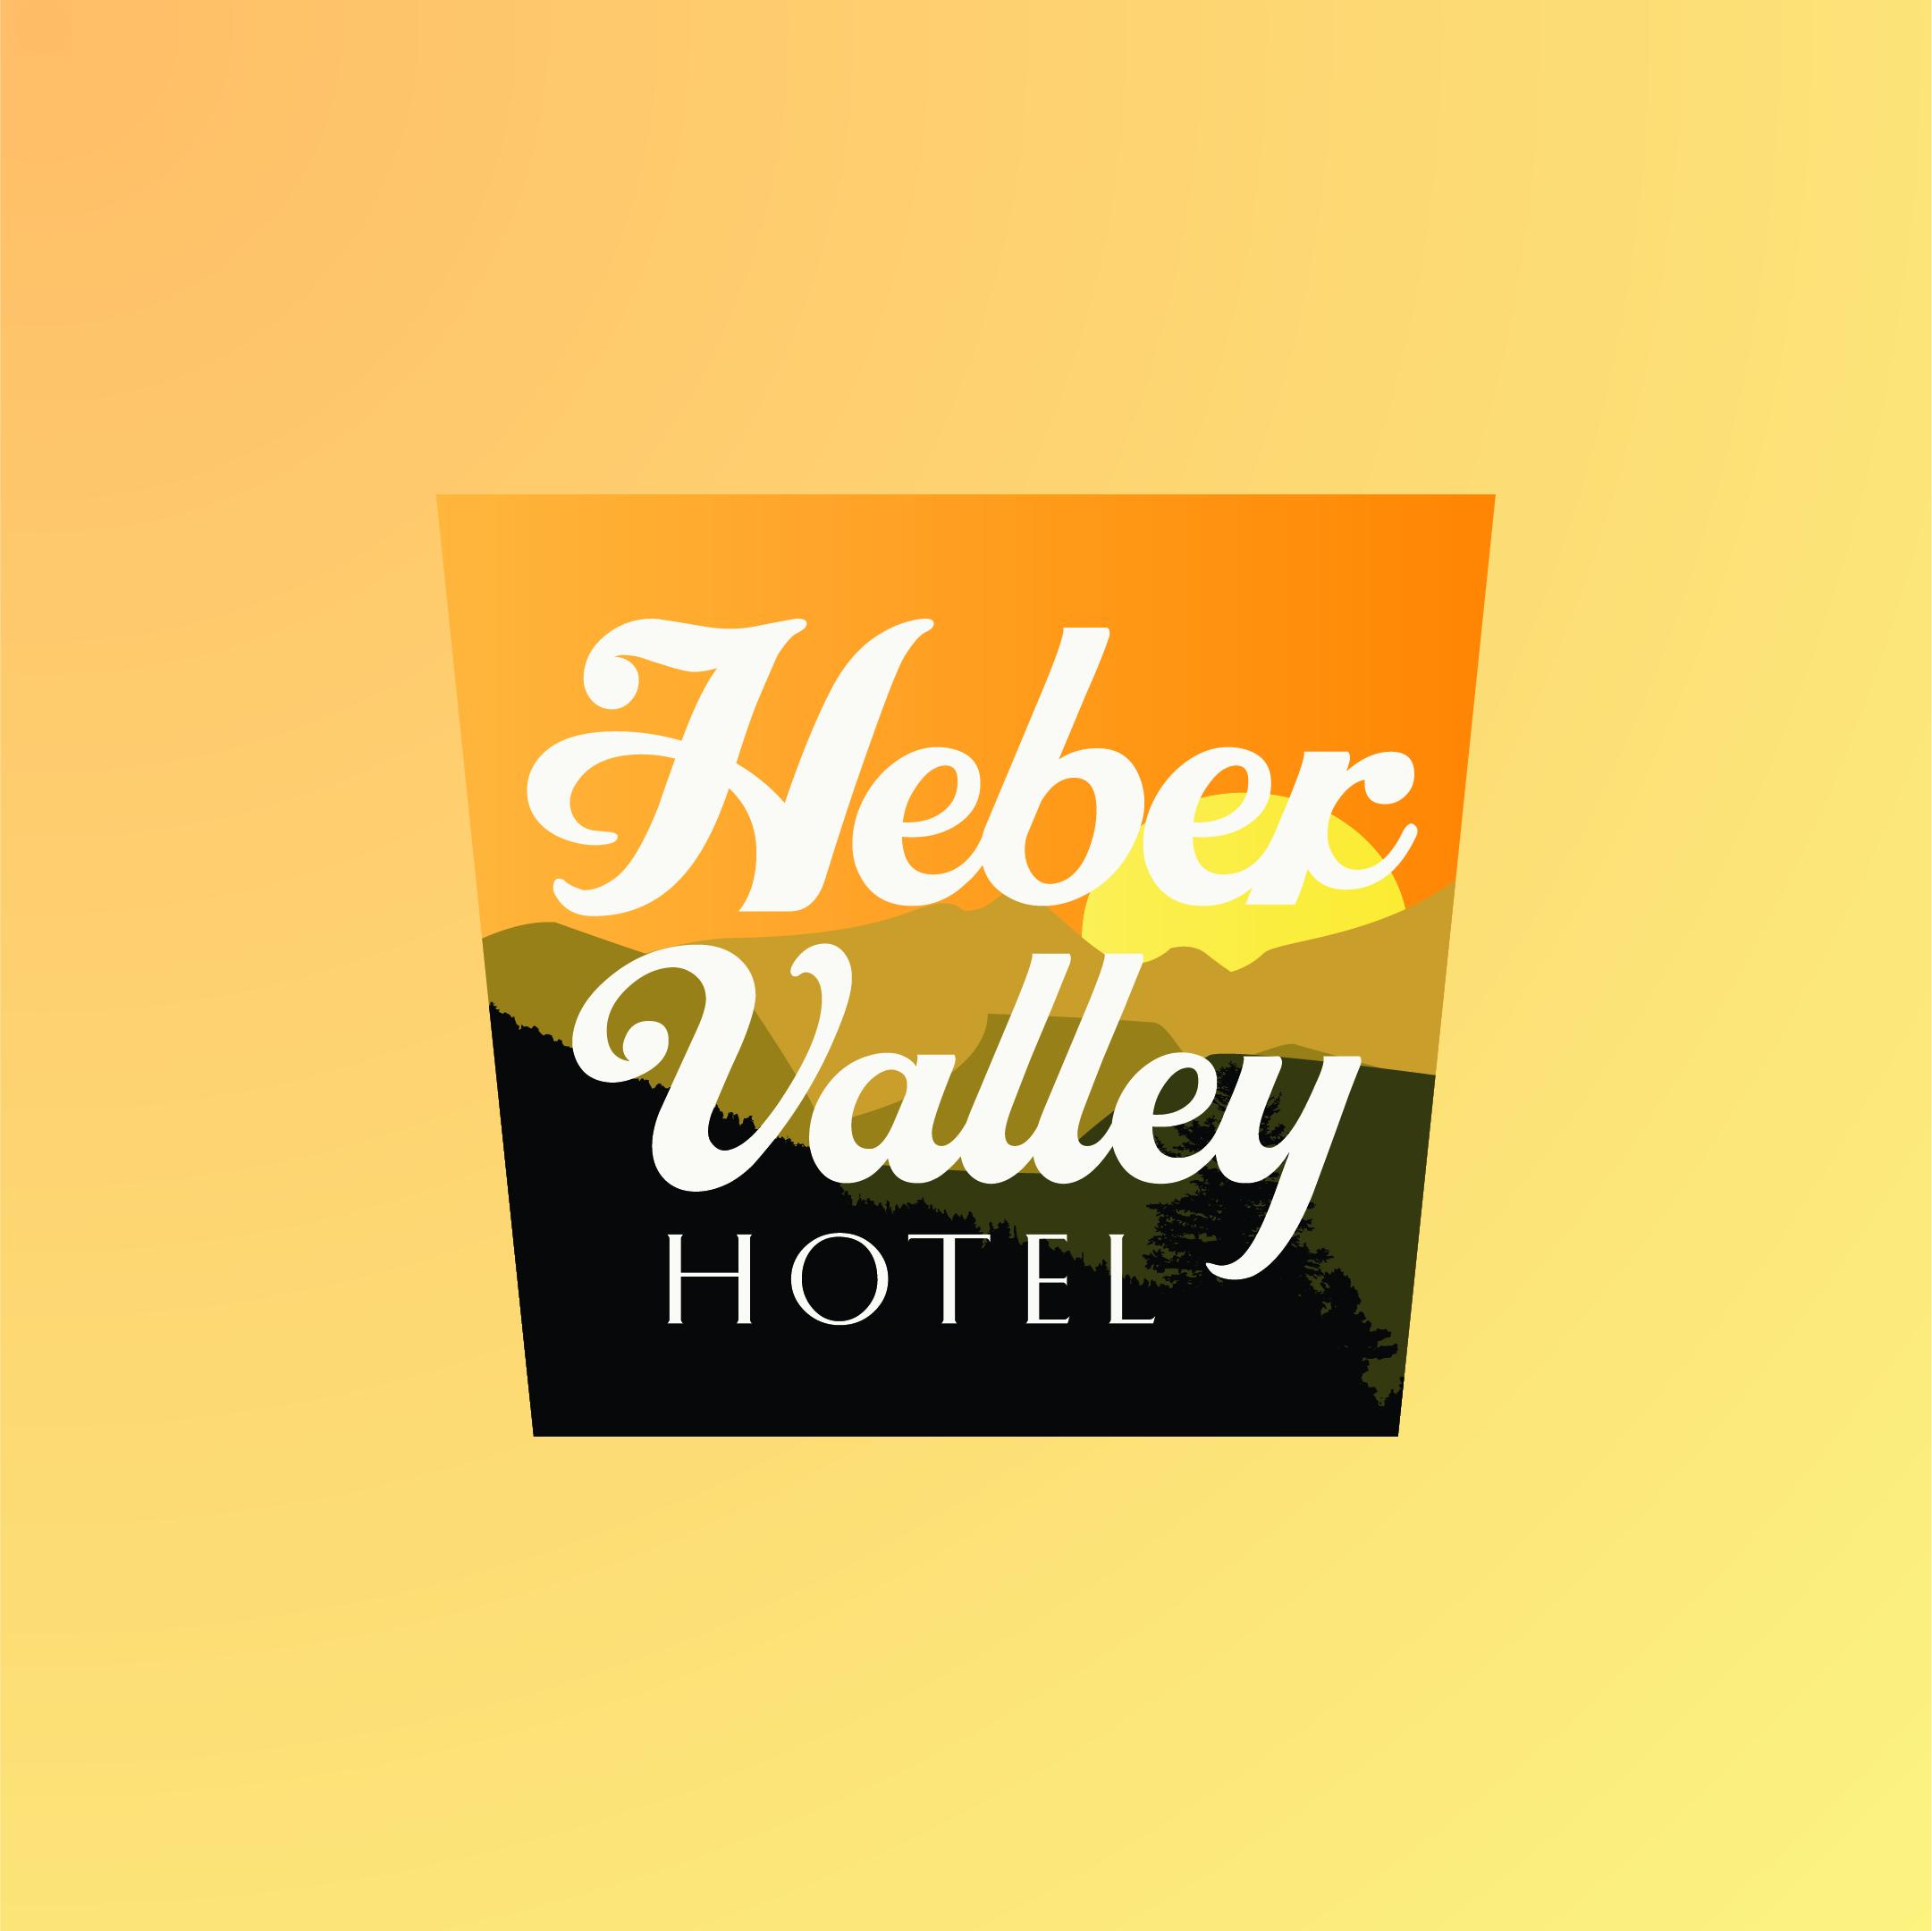 Sign Face Design For Heber Valley Motel